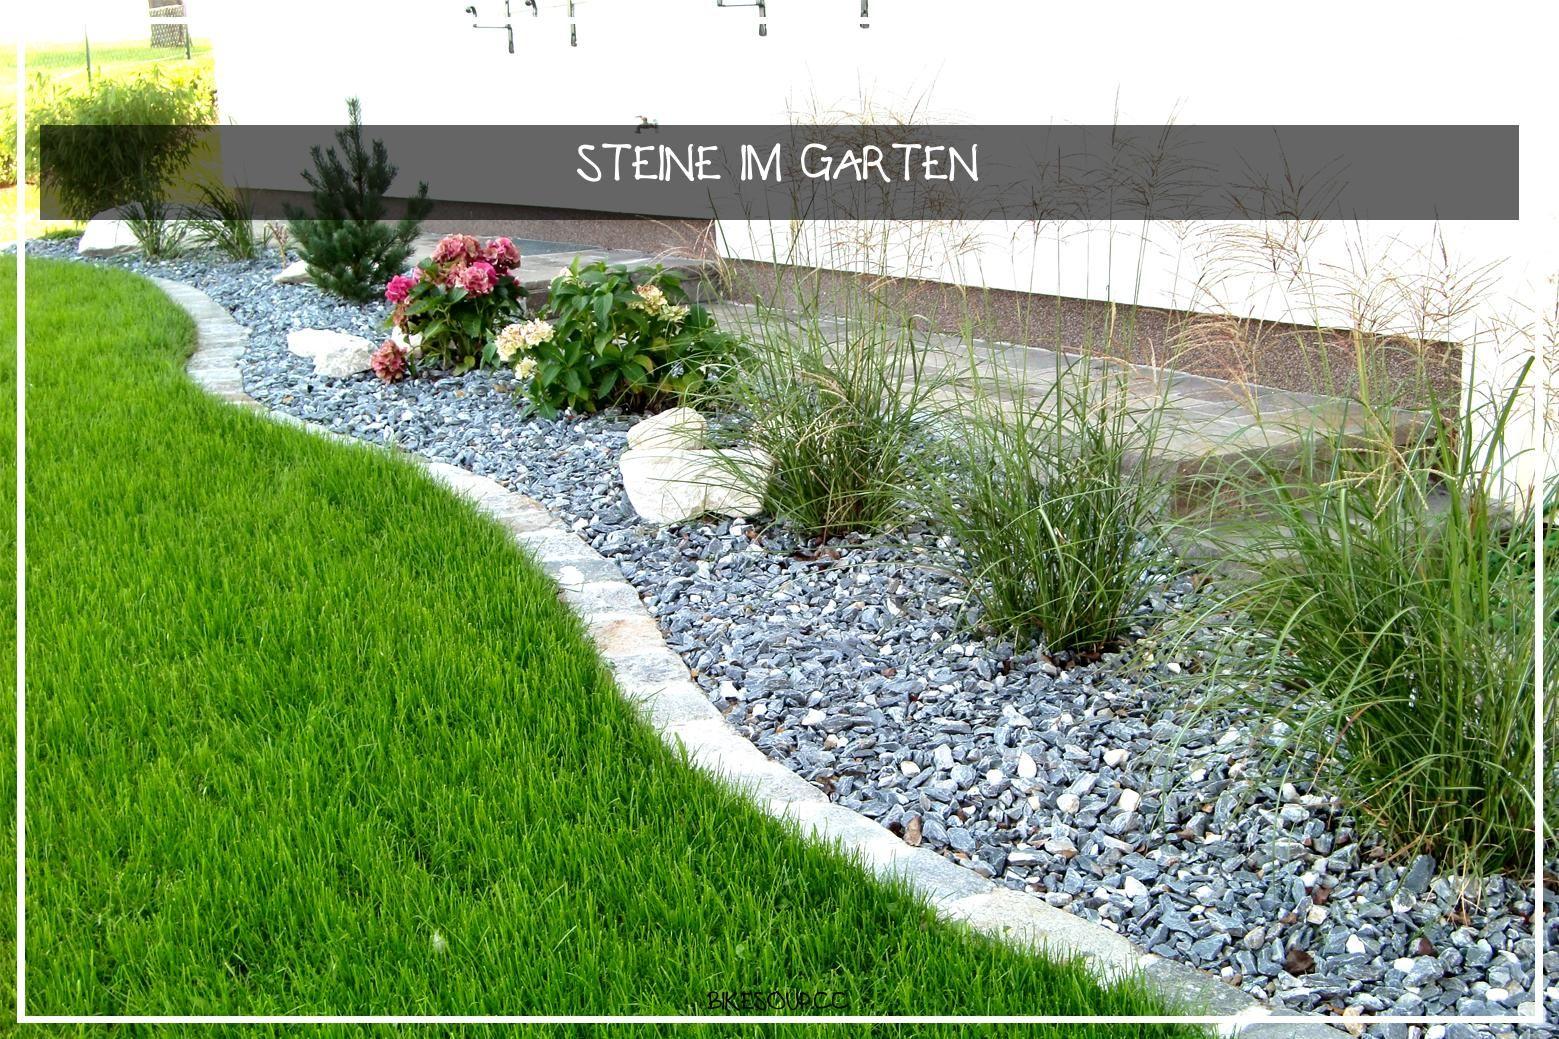 91 Elegant Steine Im Garten Garten Garten Landschaftsbau Garten Deko